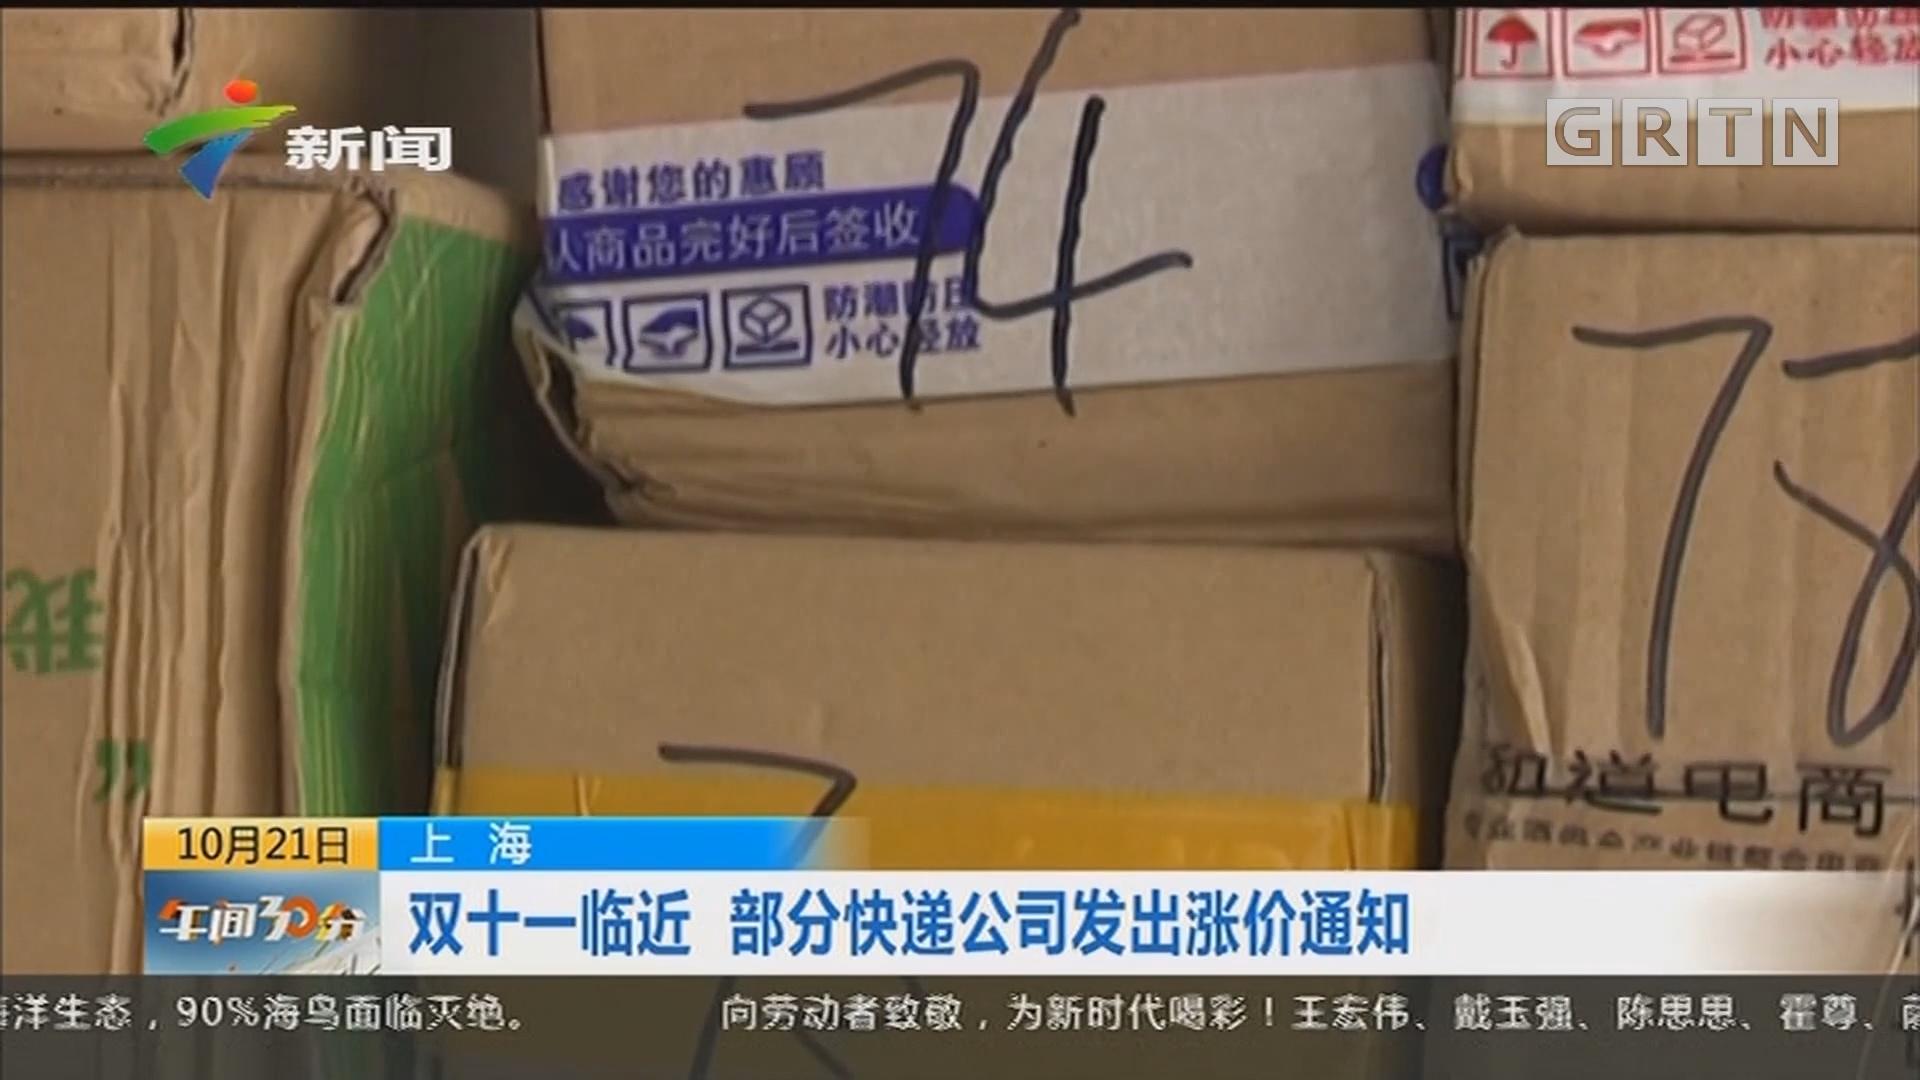 上海:双十一临近 部分快递公司发出涨价通知